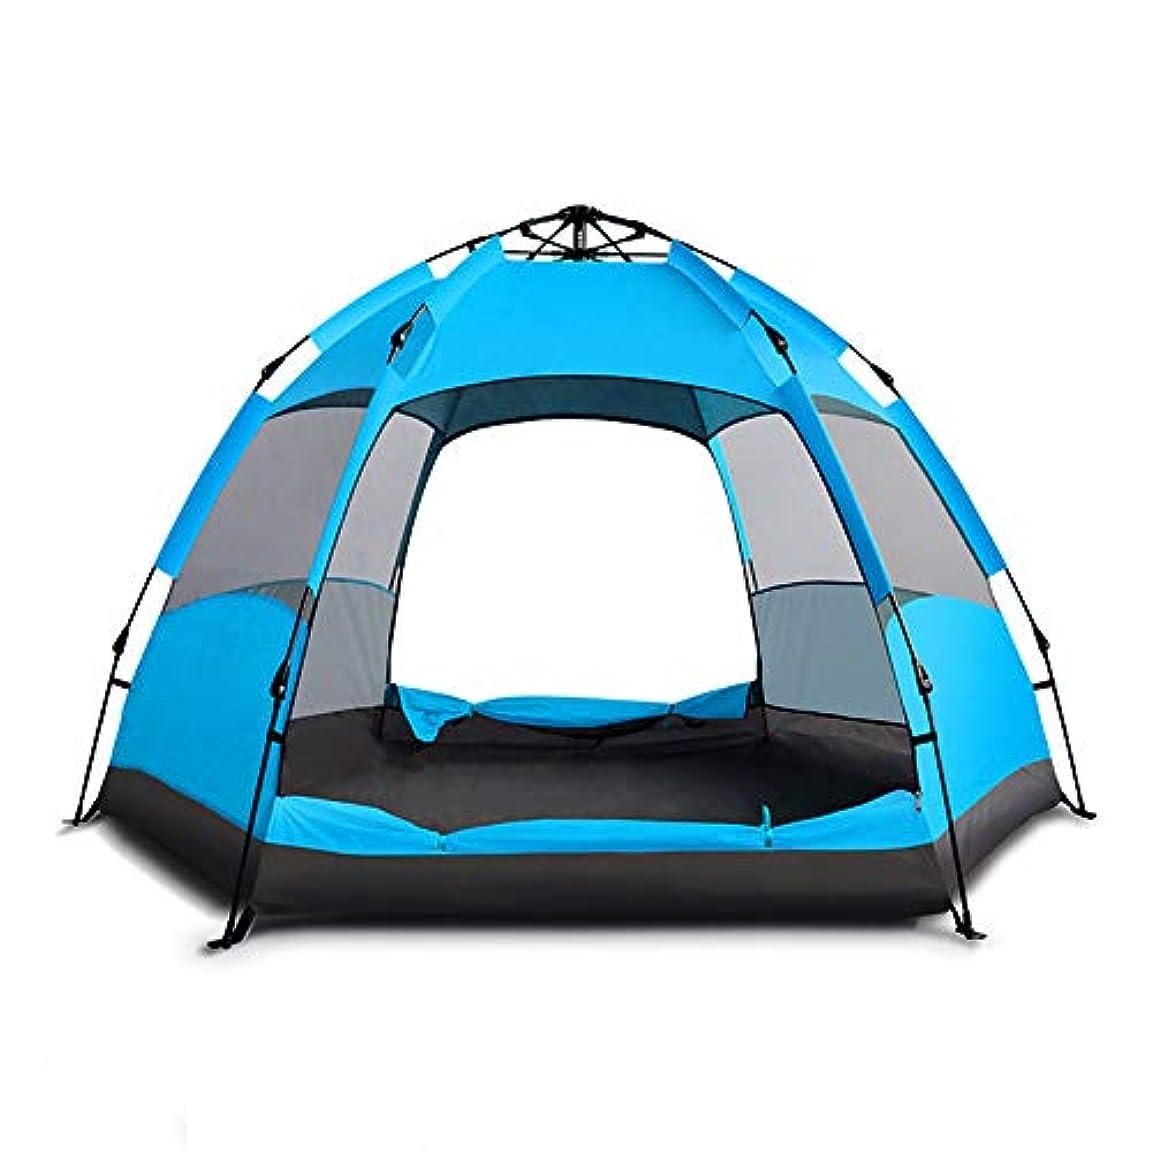 小麦粉証明コマース超大型ポップアップキャンプテント5?7人自動オープニング六角油圧二重層テント100%防水簡単セットアップ,A